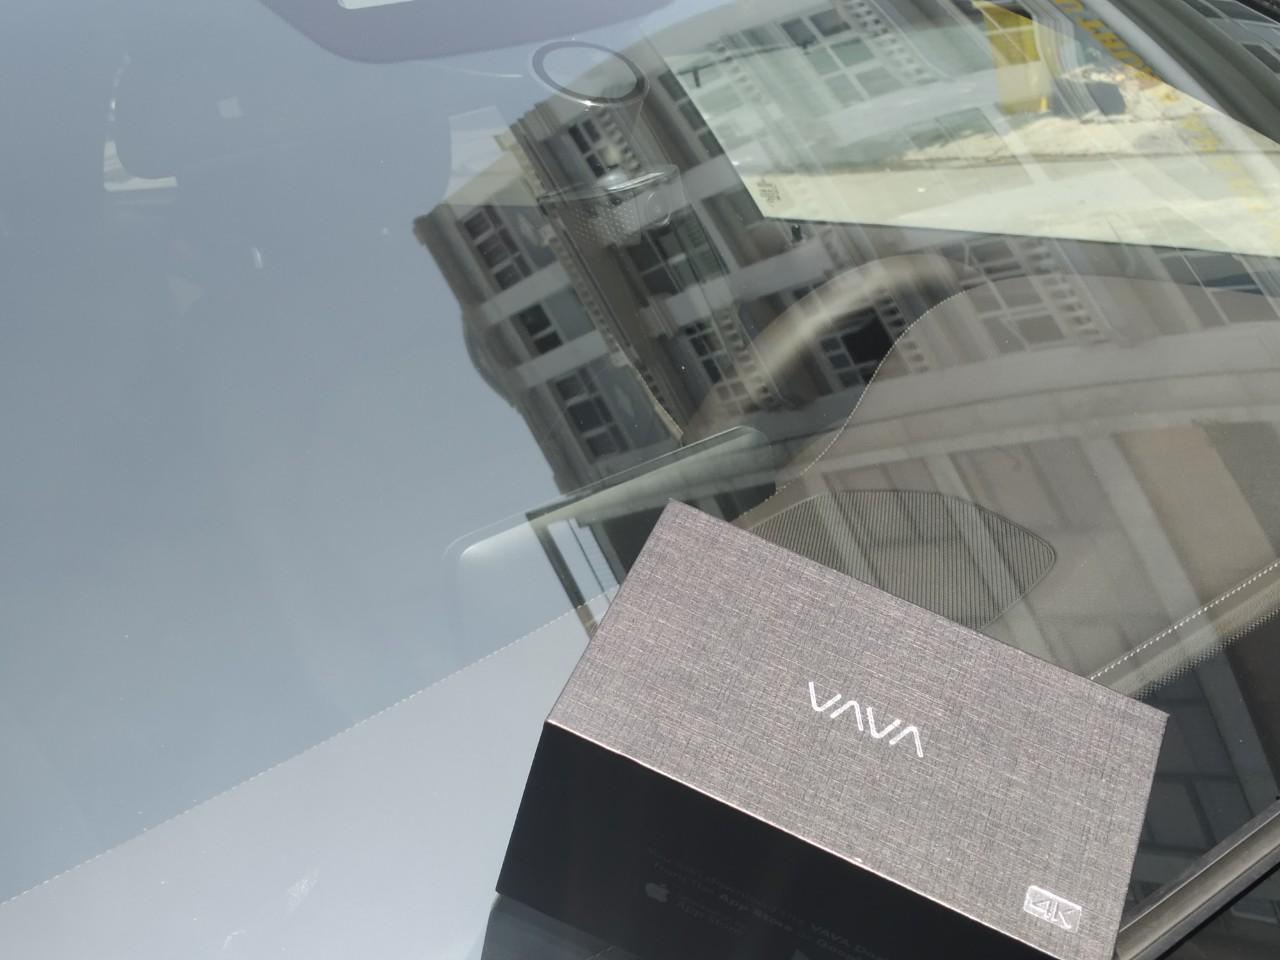 Đánh giá camera hành trình VAVA 4K